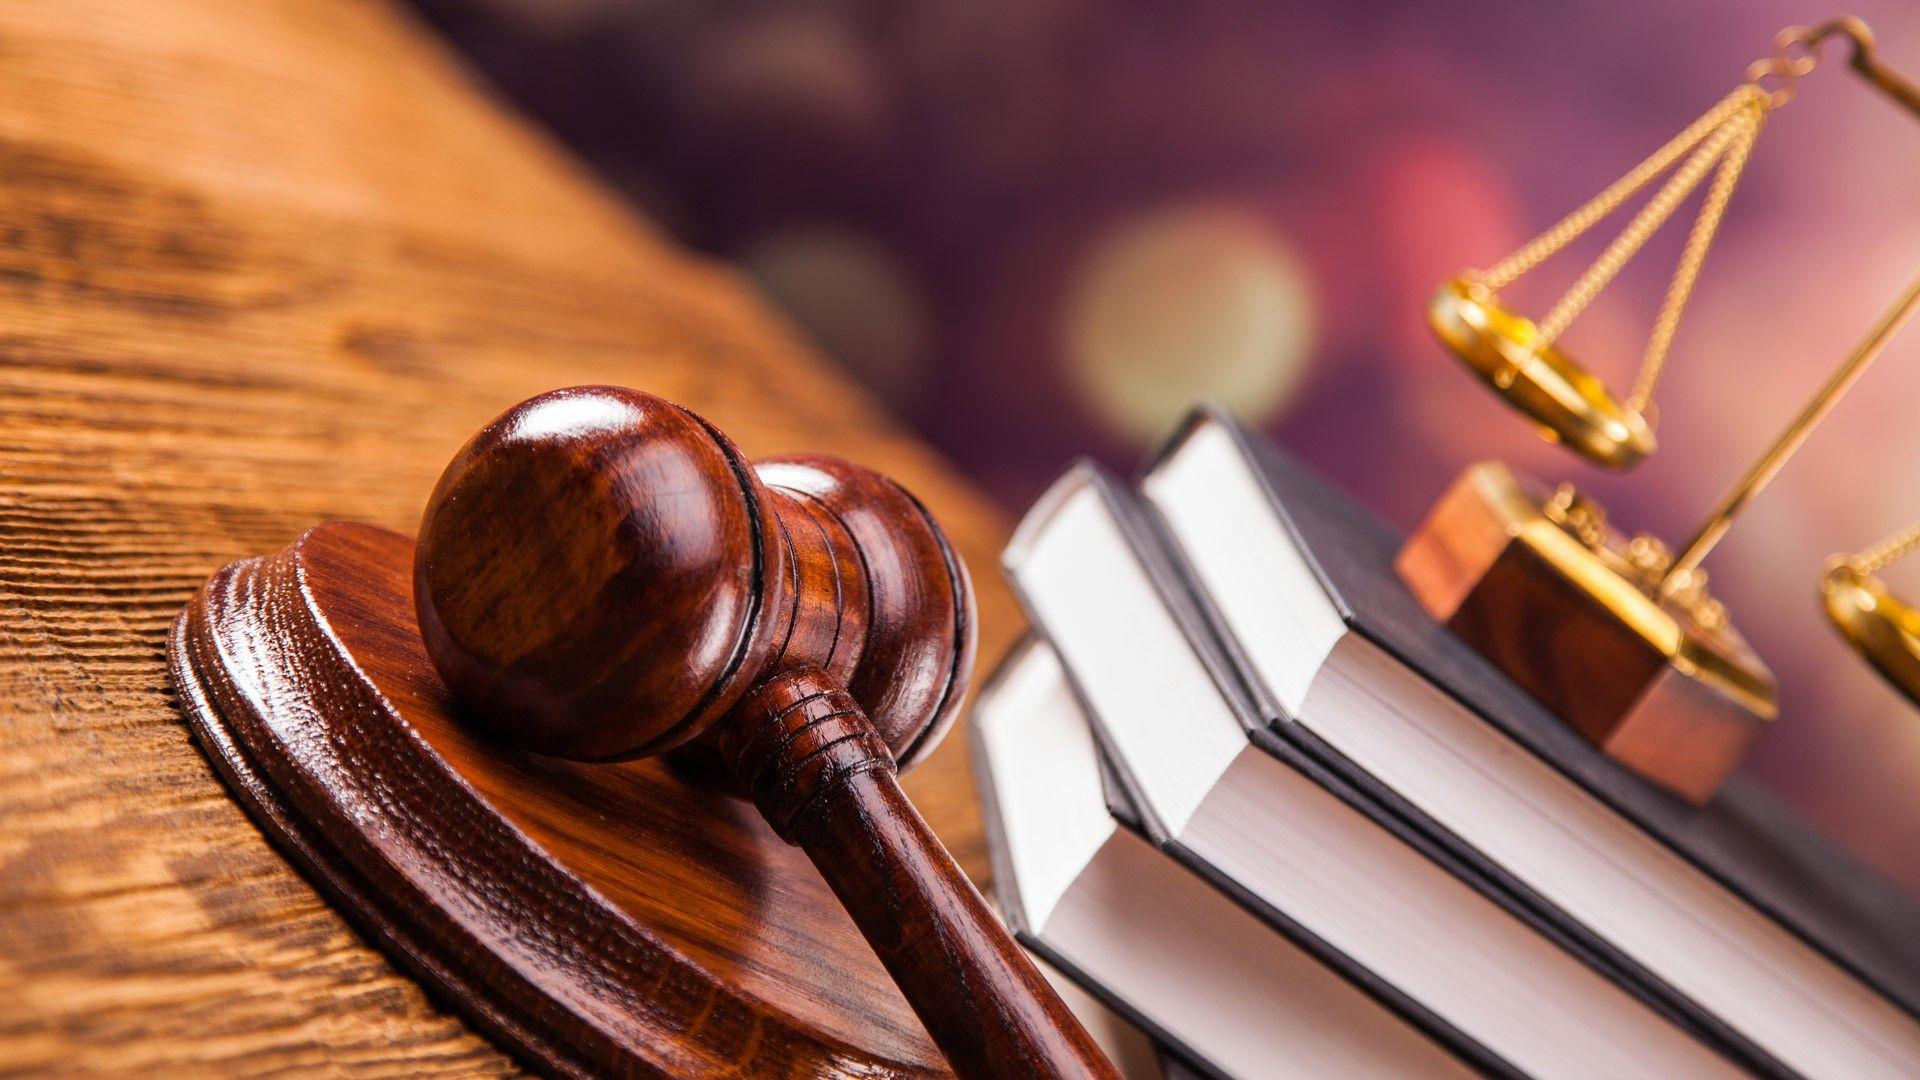 Какие коллекторы нарушают права заемщиков? - Kapital.kz